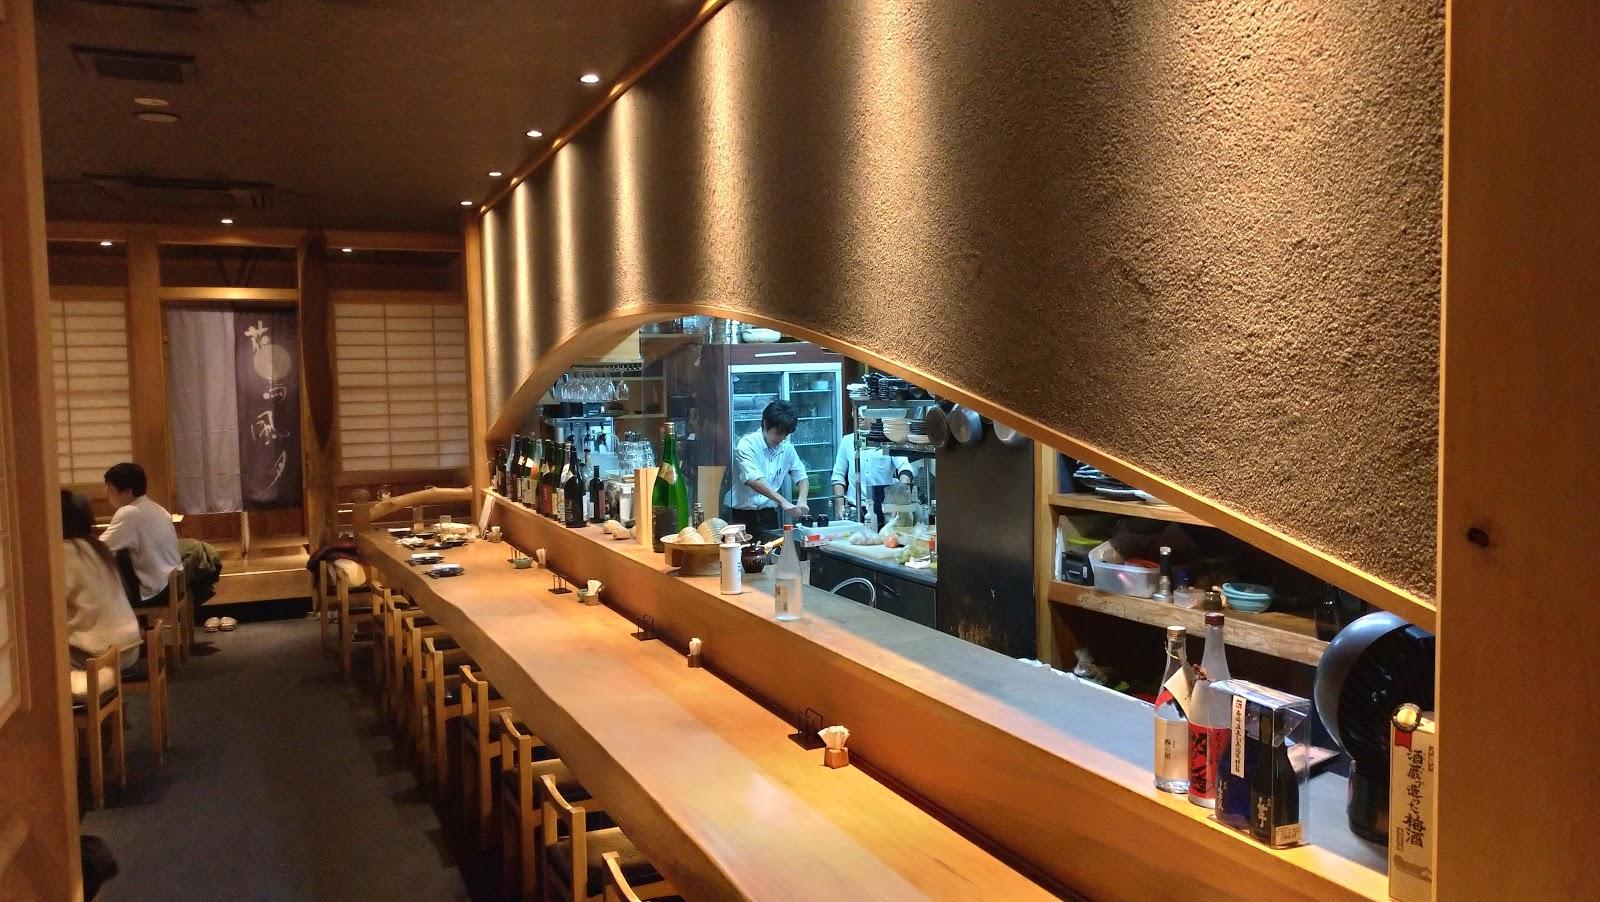 長崎駅前の美味しいおすすめ居酒屋をご案内します!魚河岸がれーじ駅前店